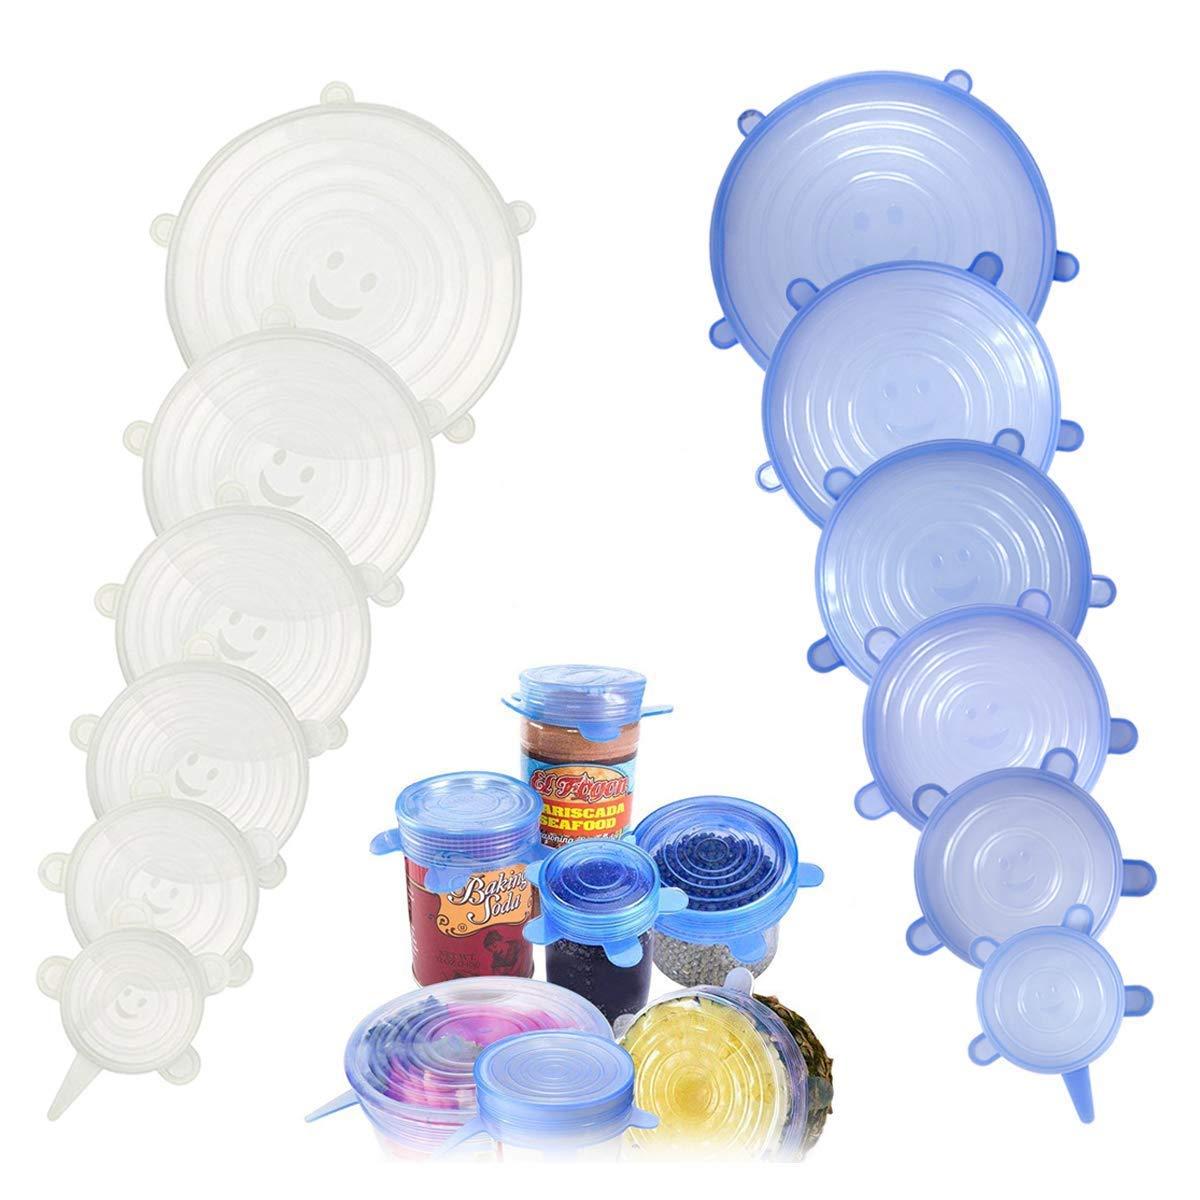 Coperchio in Silicone Estensibile 12Pcs, Silicone Stretch Coperchi. Riutilizzabile da Silicone Bowl Lids Food Saver Covers Wrap Bowl Pot Cup Coperchio Confezione da 6 Blue+6 Trasparente 301-03679-W00